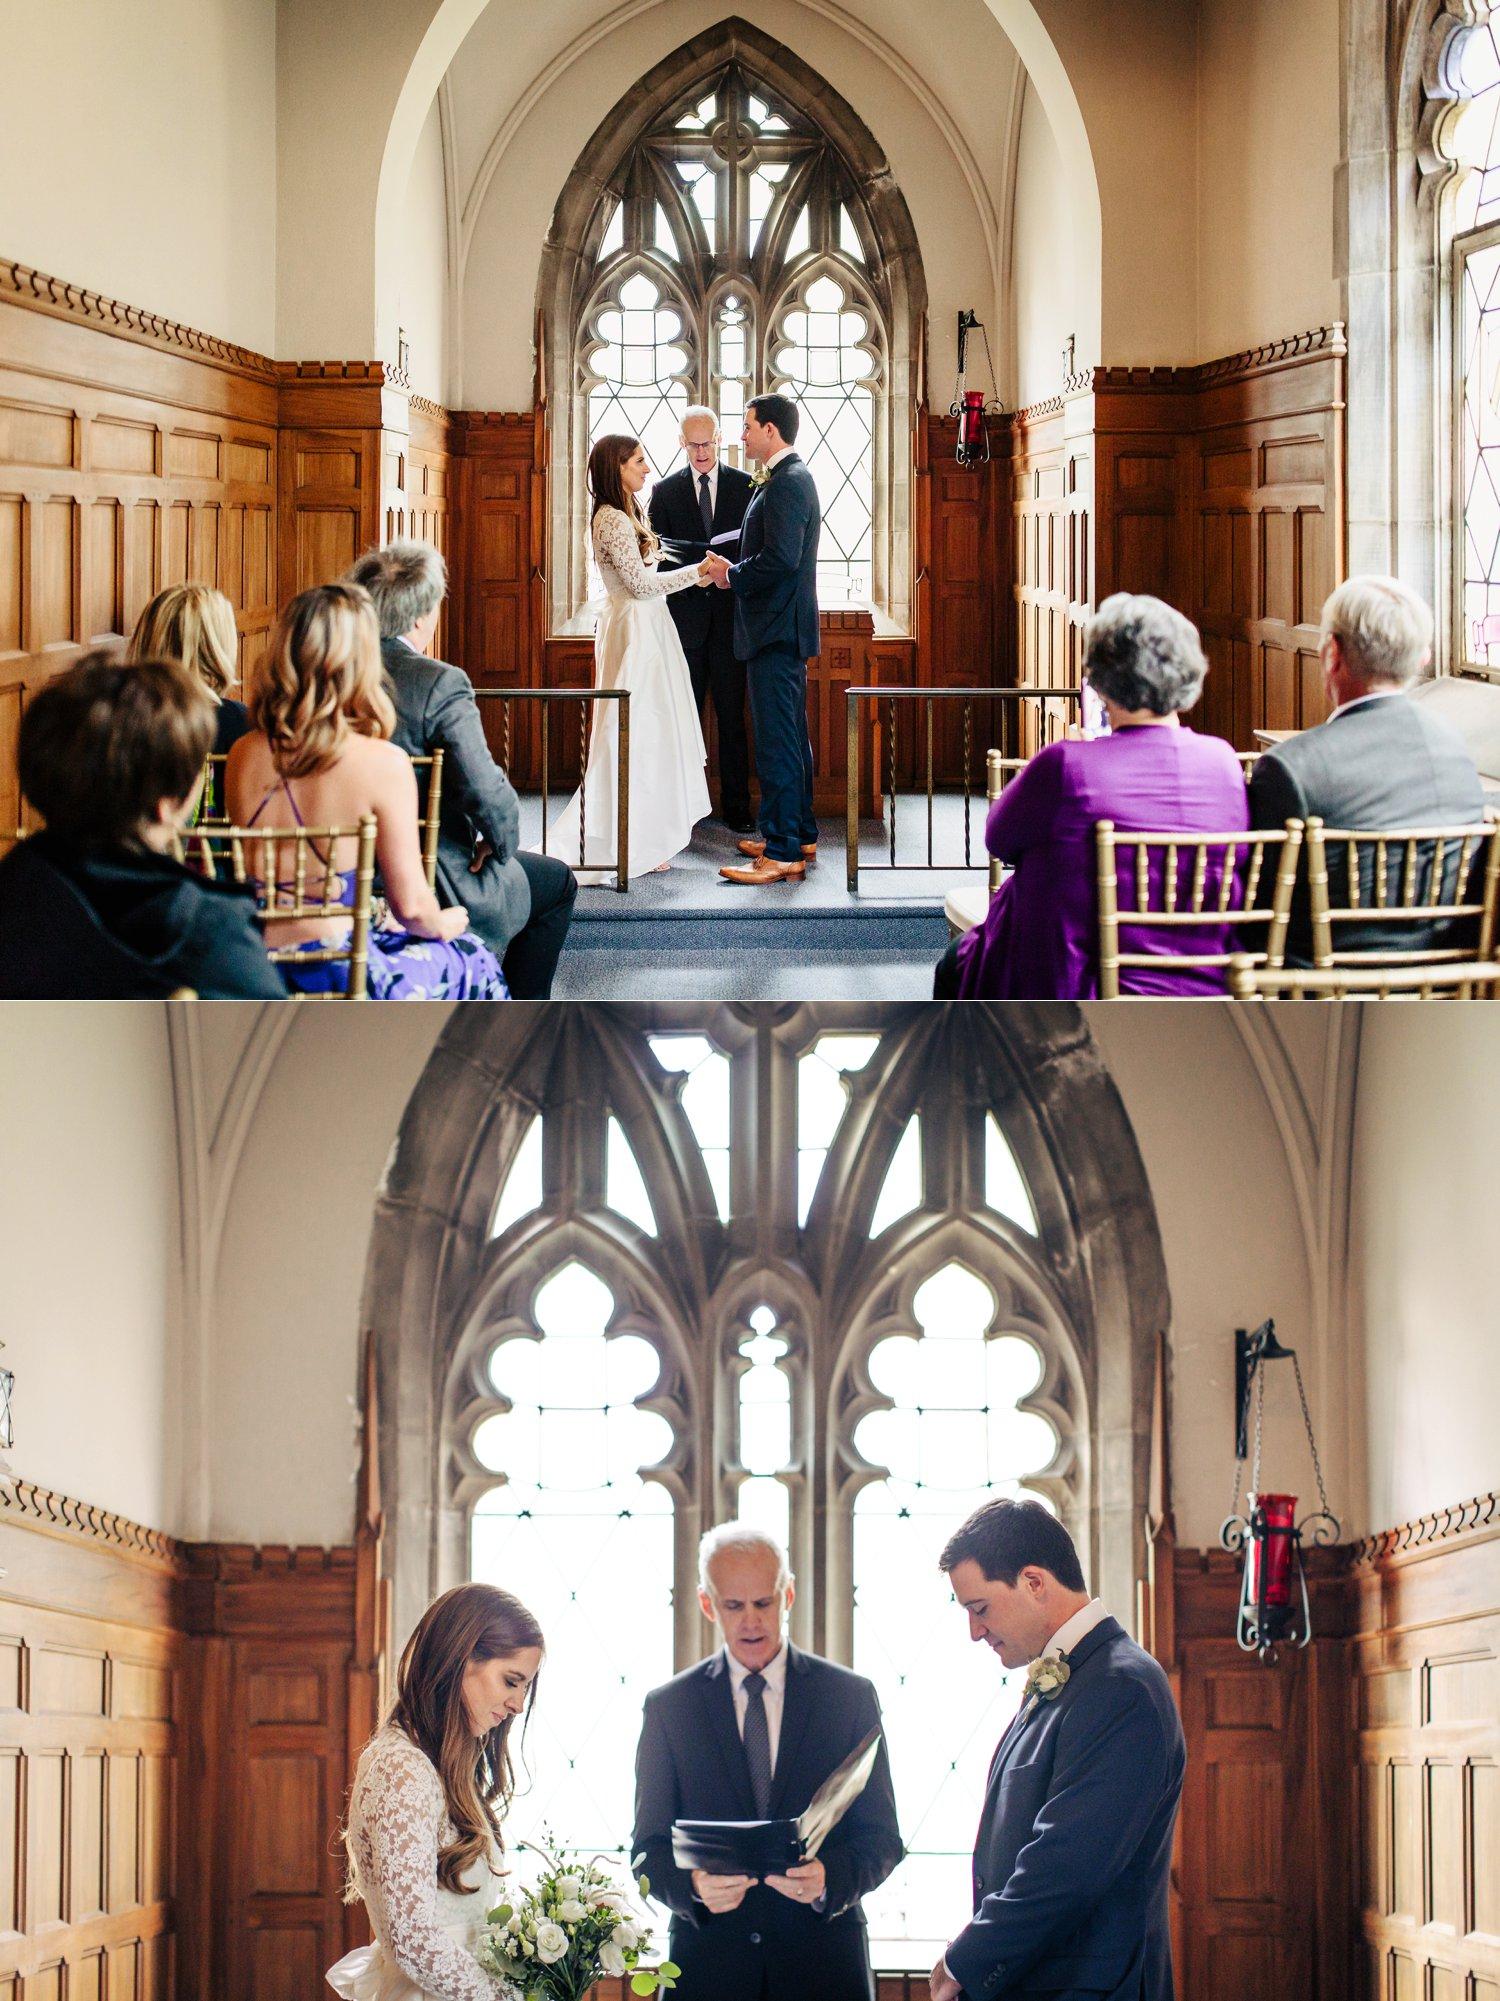 CK-Photo-scarritt-bennett-wedding_0005.jpg